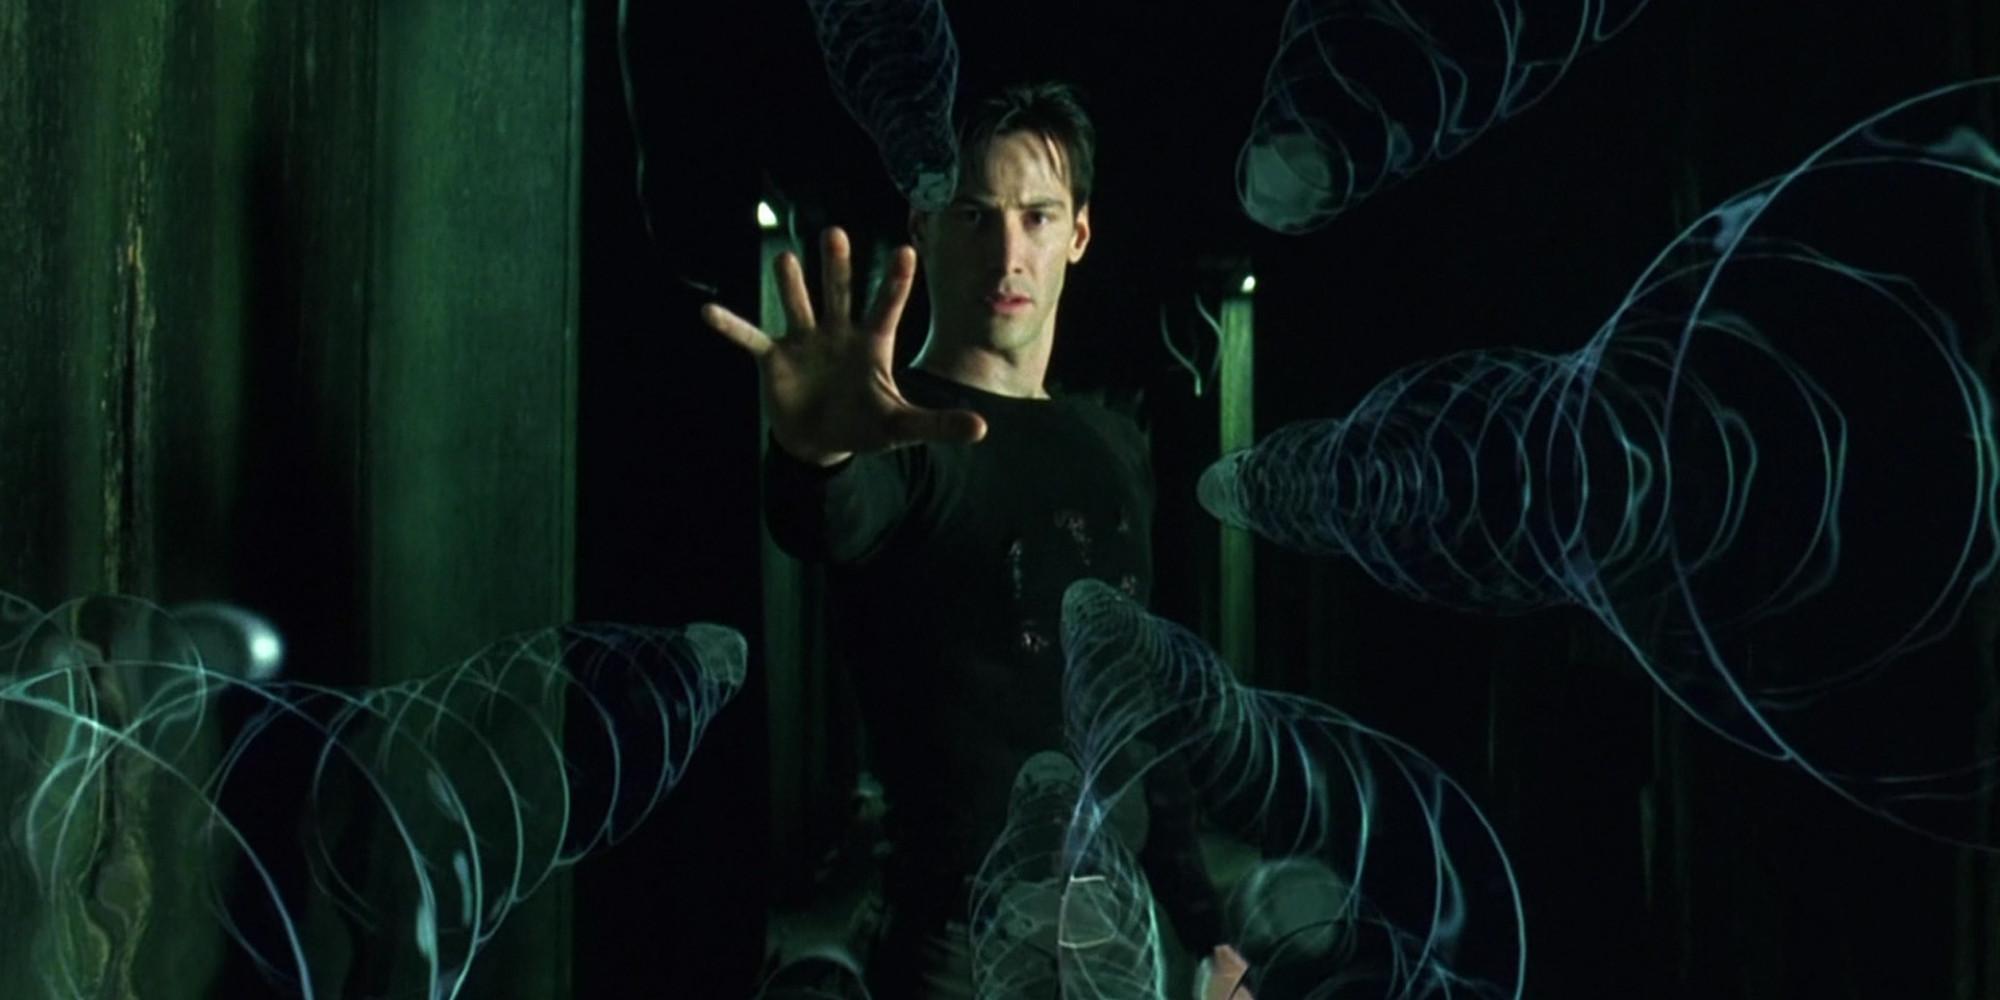 「ジョン・ウィック 3」のチャド監督とキアヌが、もしも、ウォシャウスキー監督が「マトリックス」の第4作めを作るとしたら?!と尋ねられた質問の答えだけを記事にして伝え、あたかも両者が「マトリックス 4」の特ダネをしゃべったようにカン違いをさせるデタラメな映画記事に要注意!!